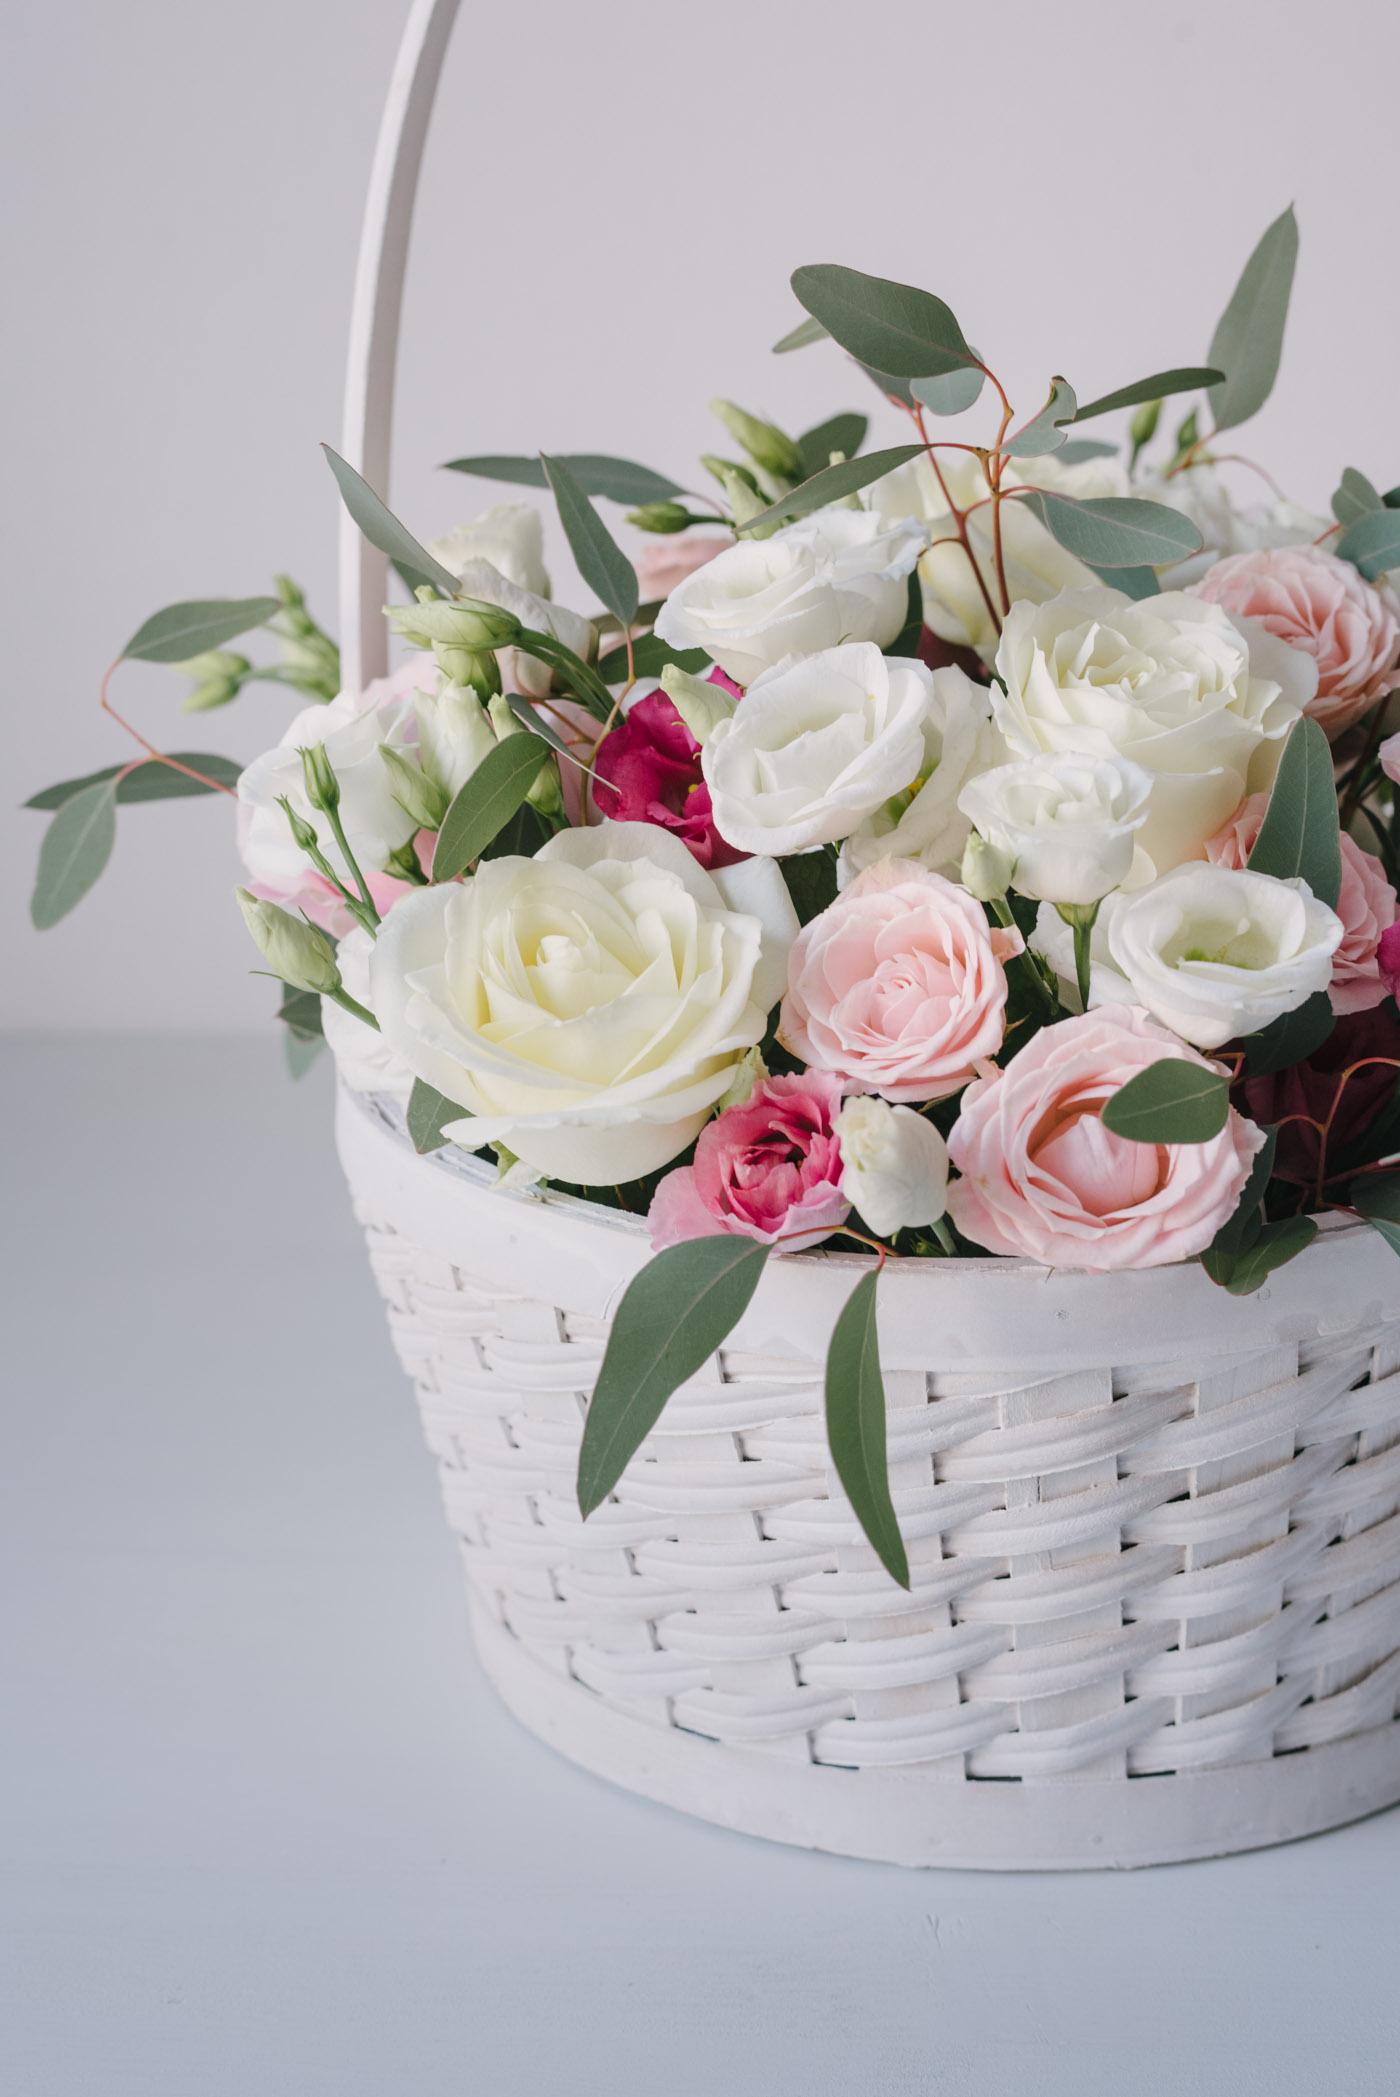 Aranjament Floral Pastelat In Cos Alb